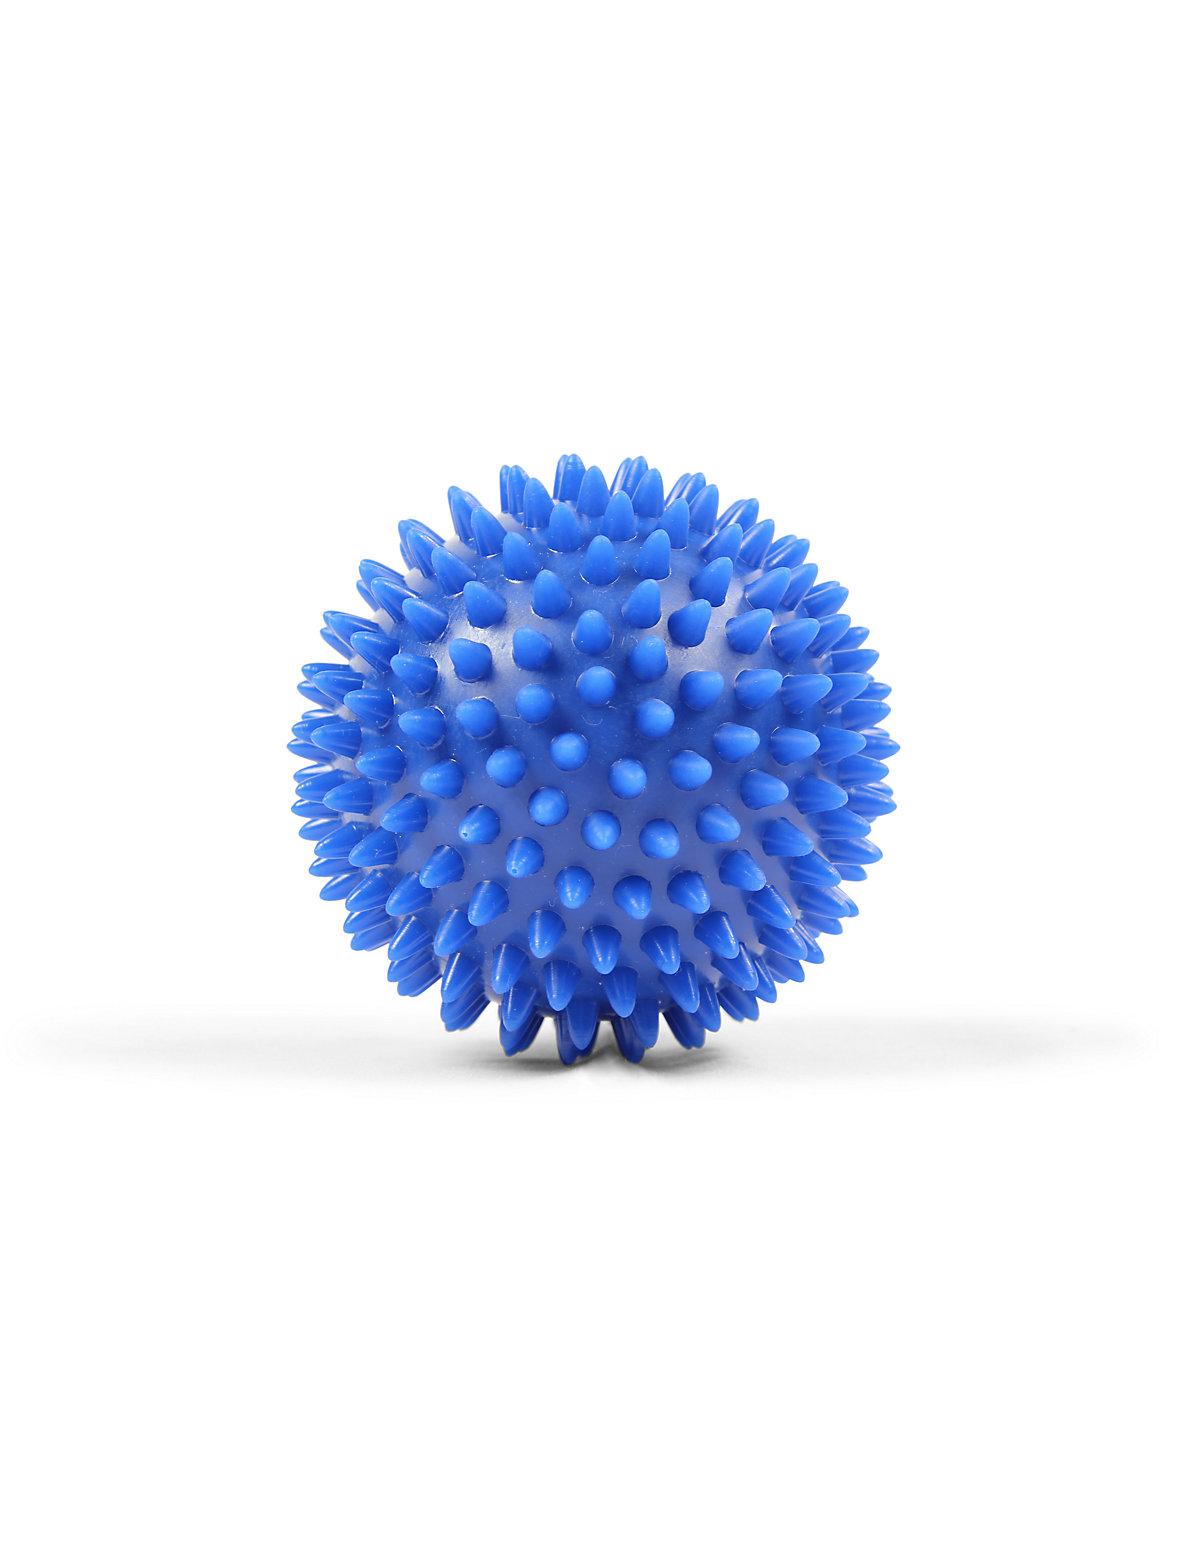 Yoga-Mad Spikey Large Massage Ball